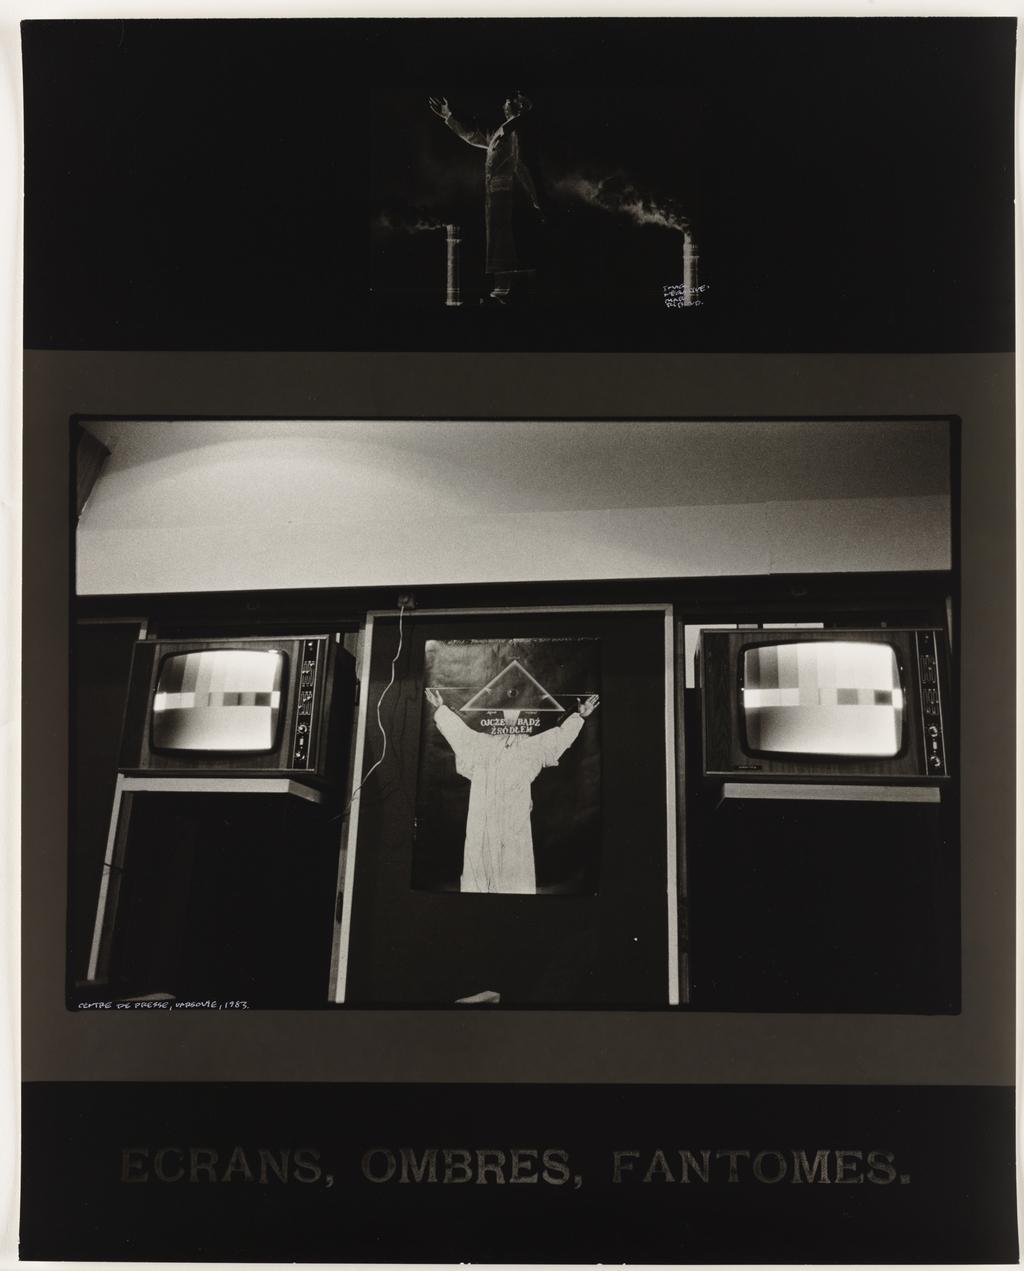 Image négative : Marc Riboud, « Mao », Centre de presse, Varsovie, 1983 (haut); « Écrans, ombres, fantômes » (bas), de la série Les Tremblements du coeur, troisième séquence 4/8